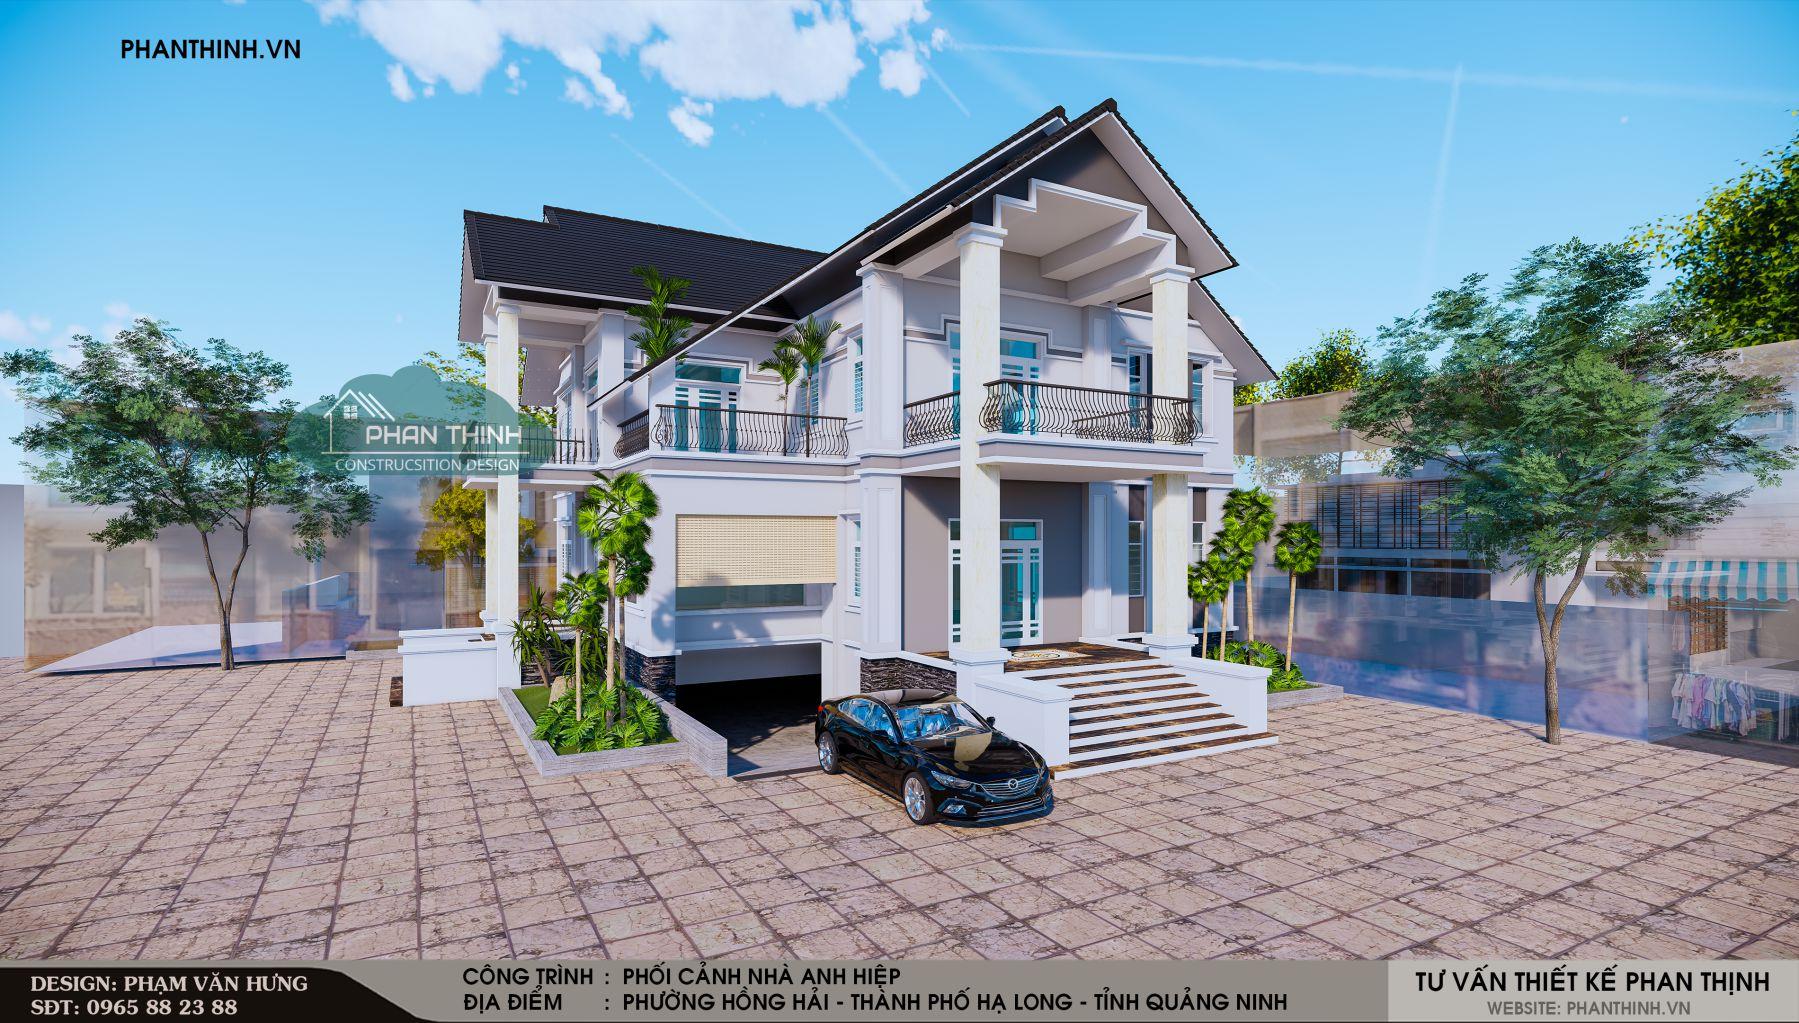 thiết kế nhà biệt thự tại Quảng Ninh